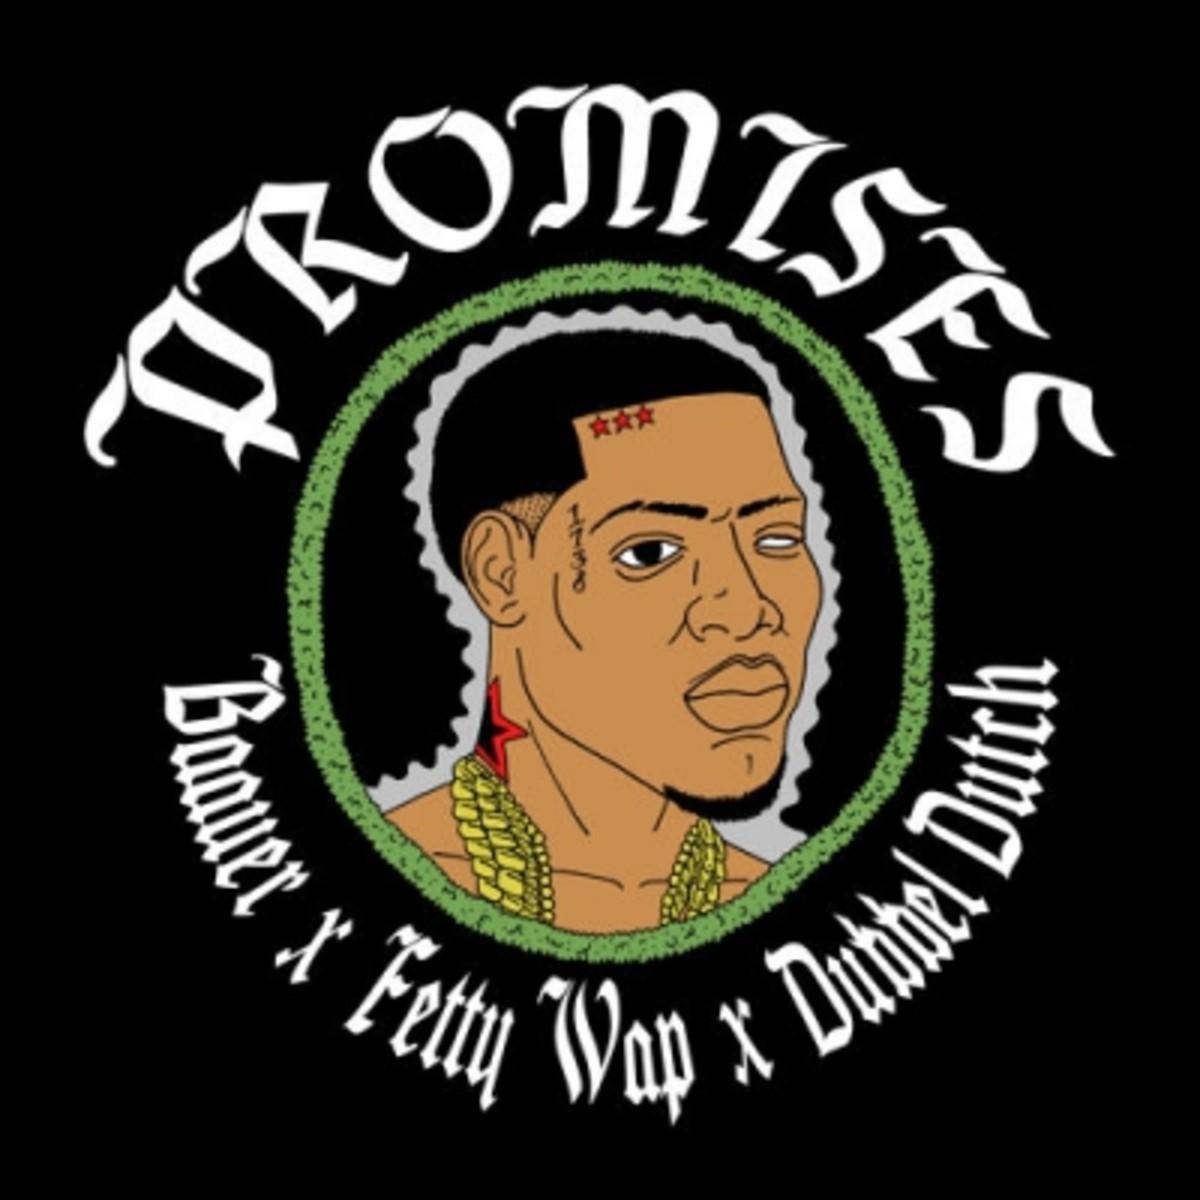 baauer-promises.jpg